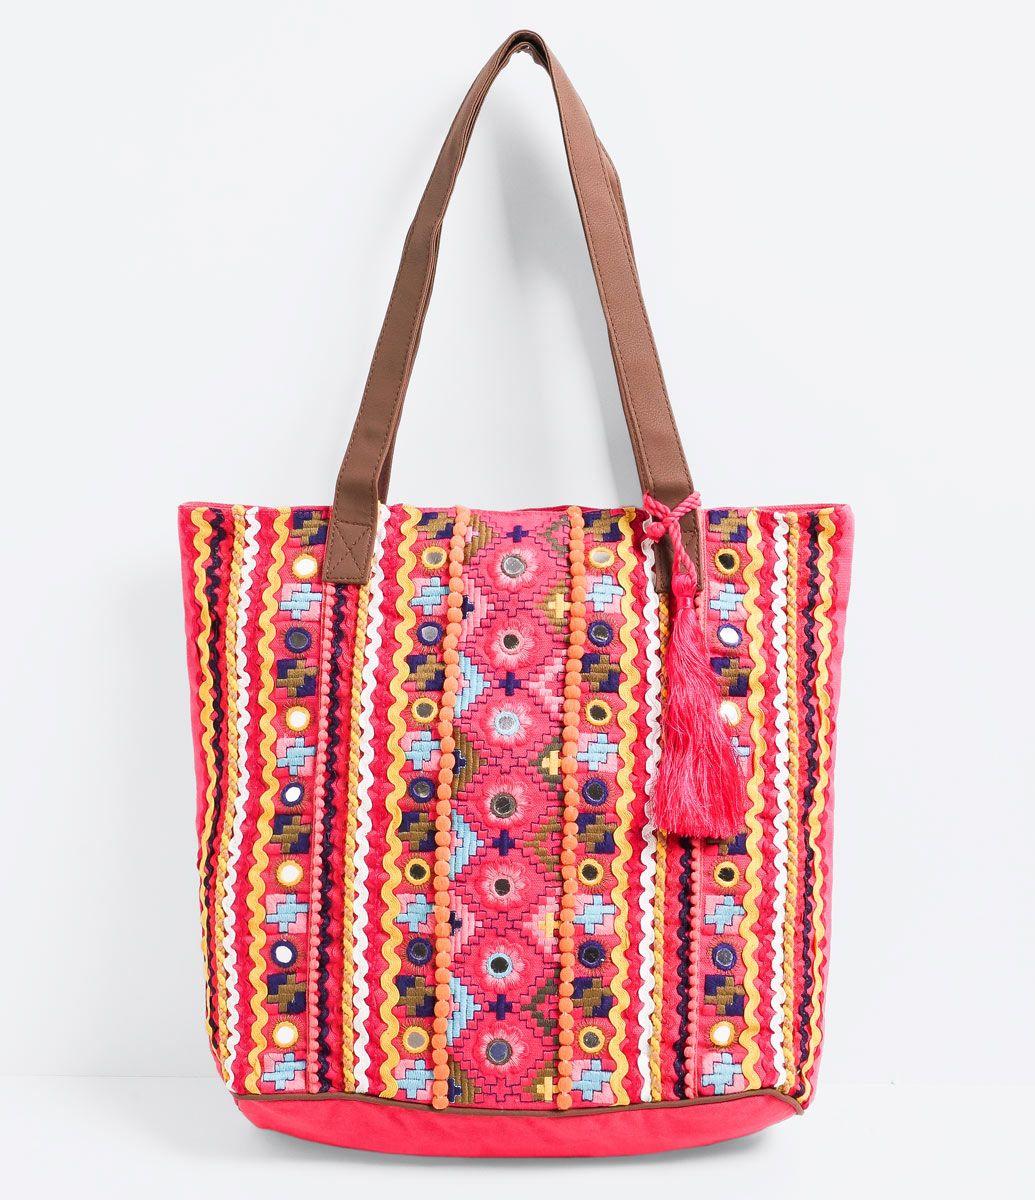 Bolsa Feminina Em Tecido : Bolsa feminina modelo sacola com bordados marca blue